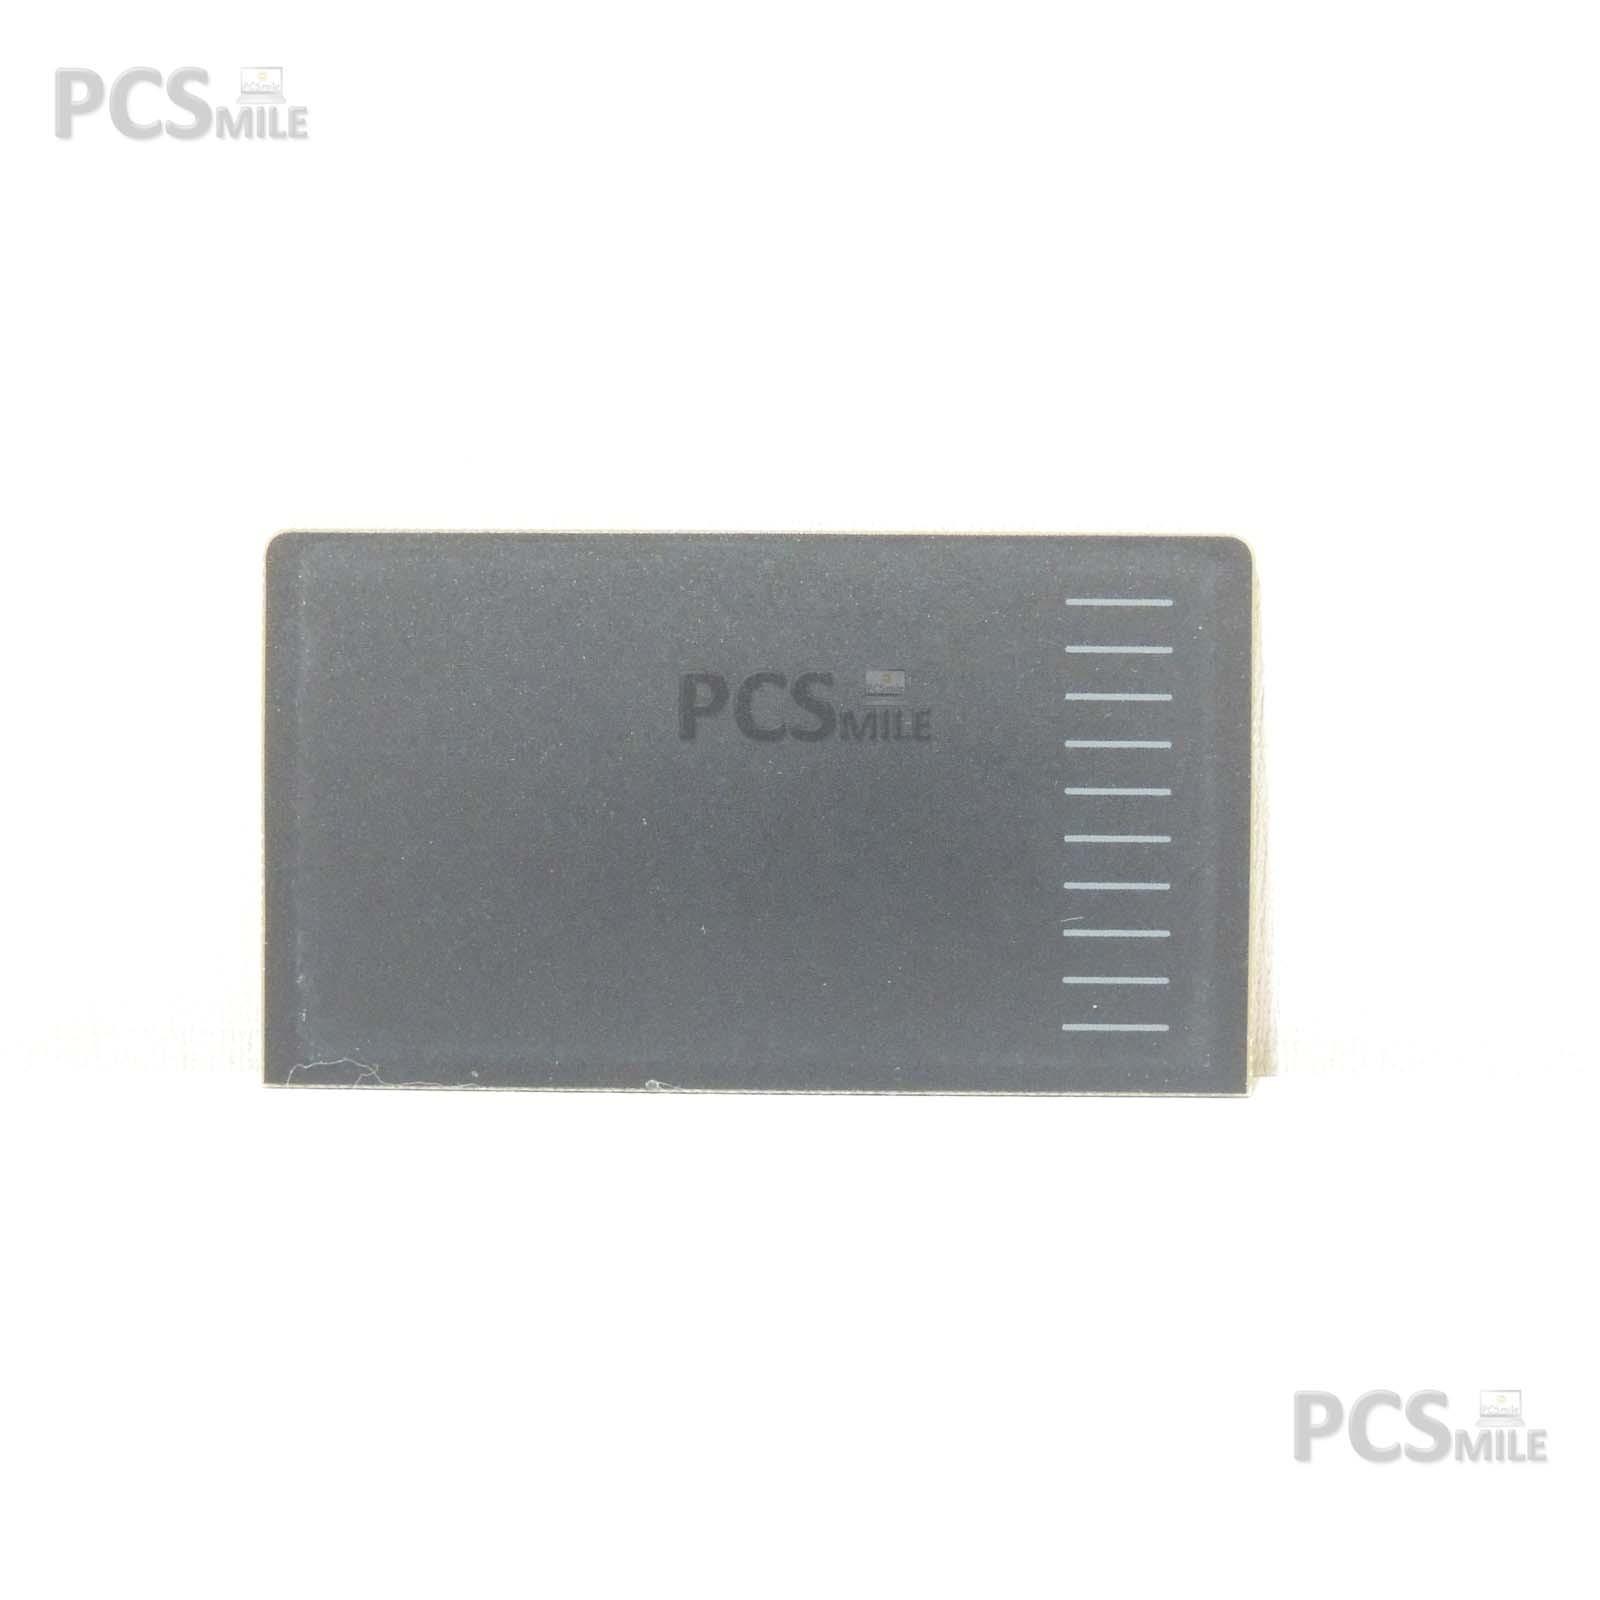 Touchpad HP Compaq 6751b TM51PUGR383 originale